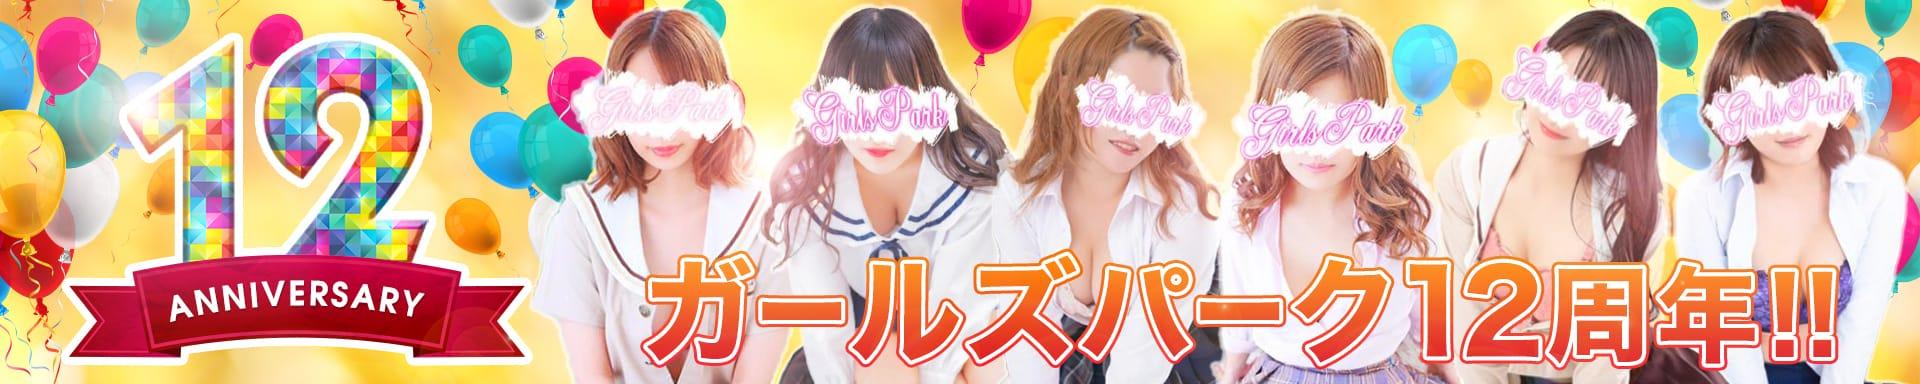 ガールズパーク - 五反田